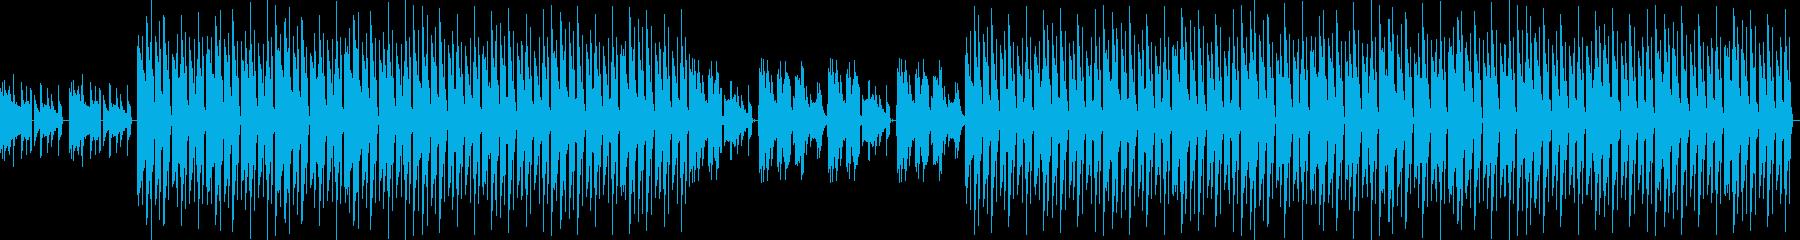 おしゃれ・低音重視・EDM・ベース9の再生済みの波形